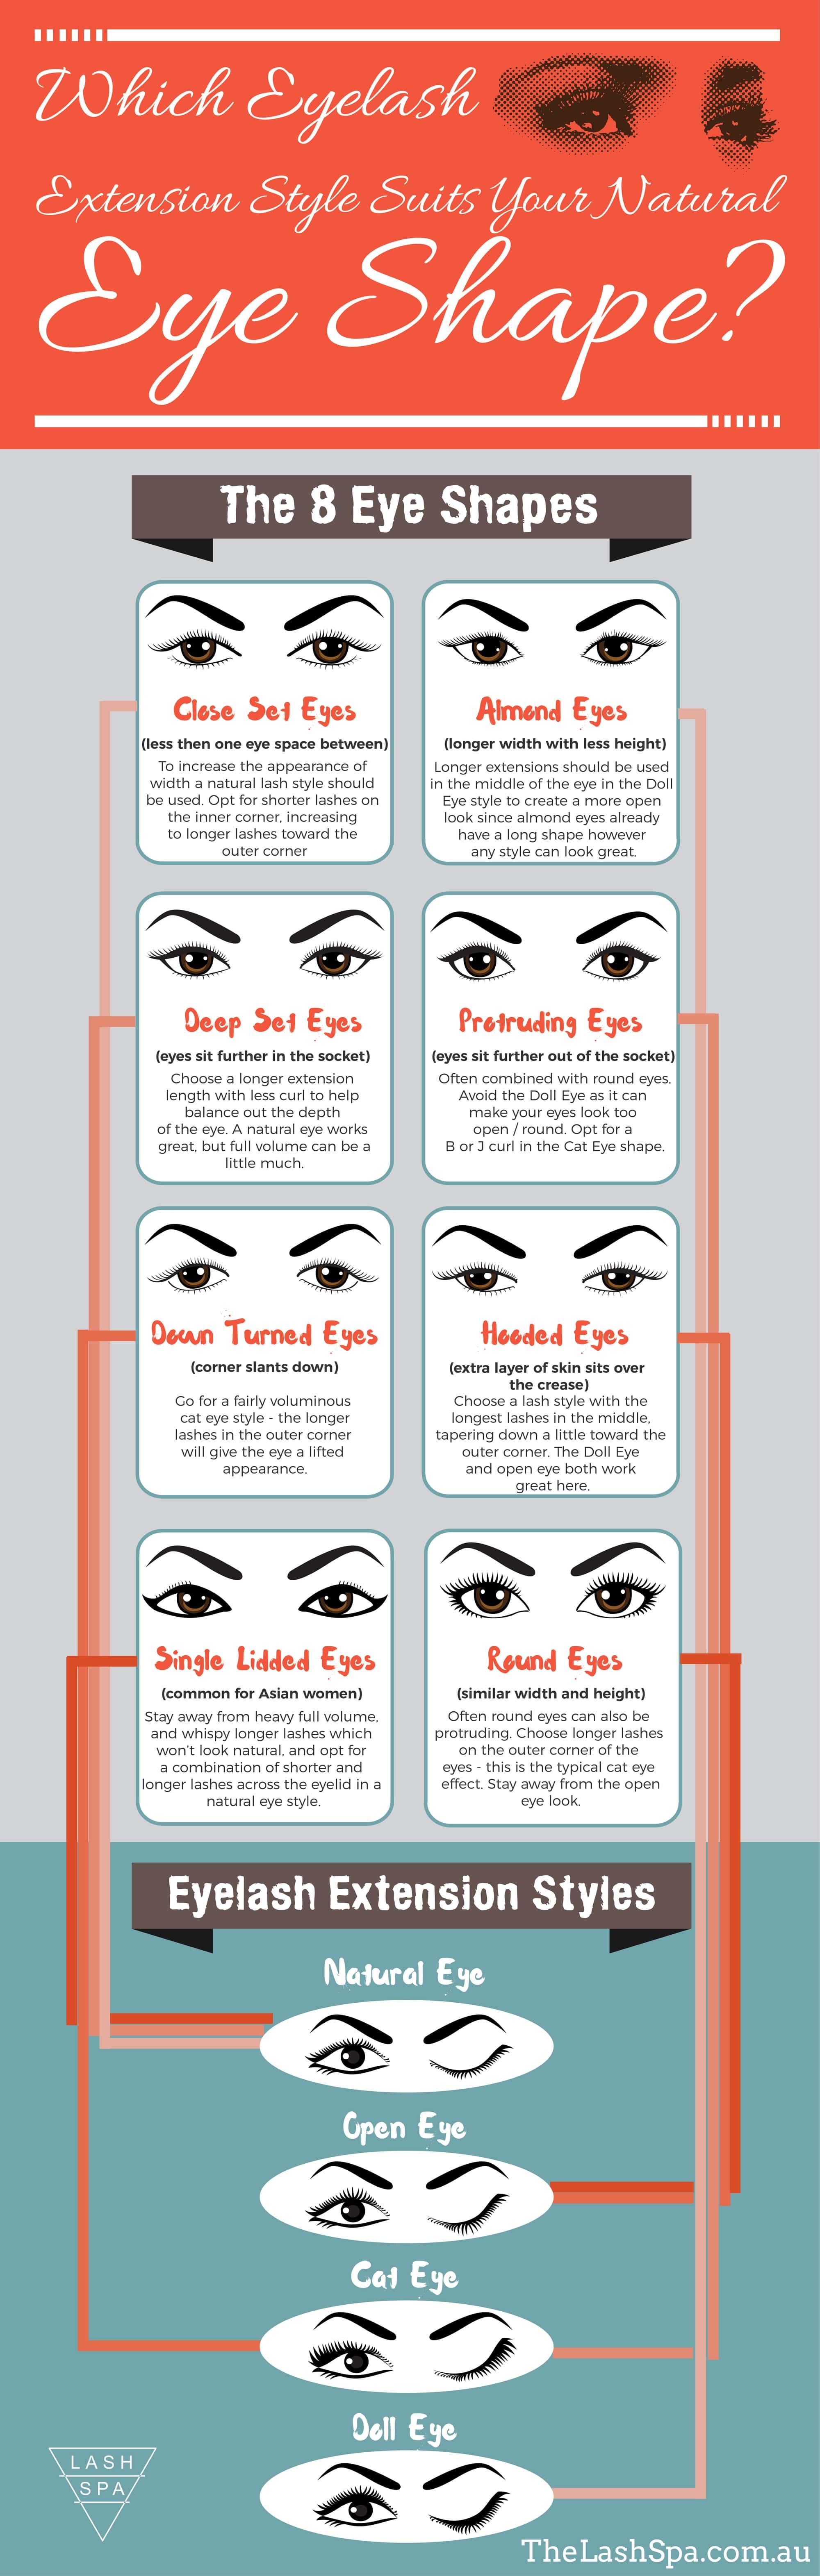 Eyelash Style Infographic